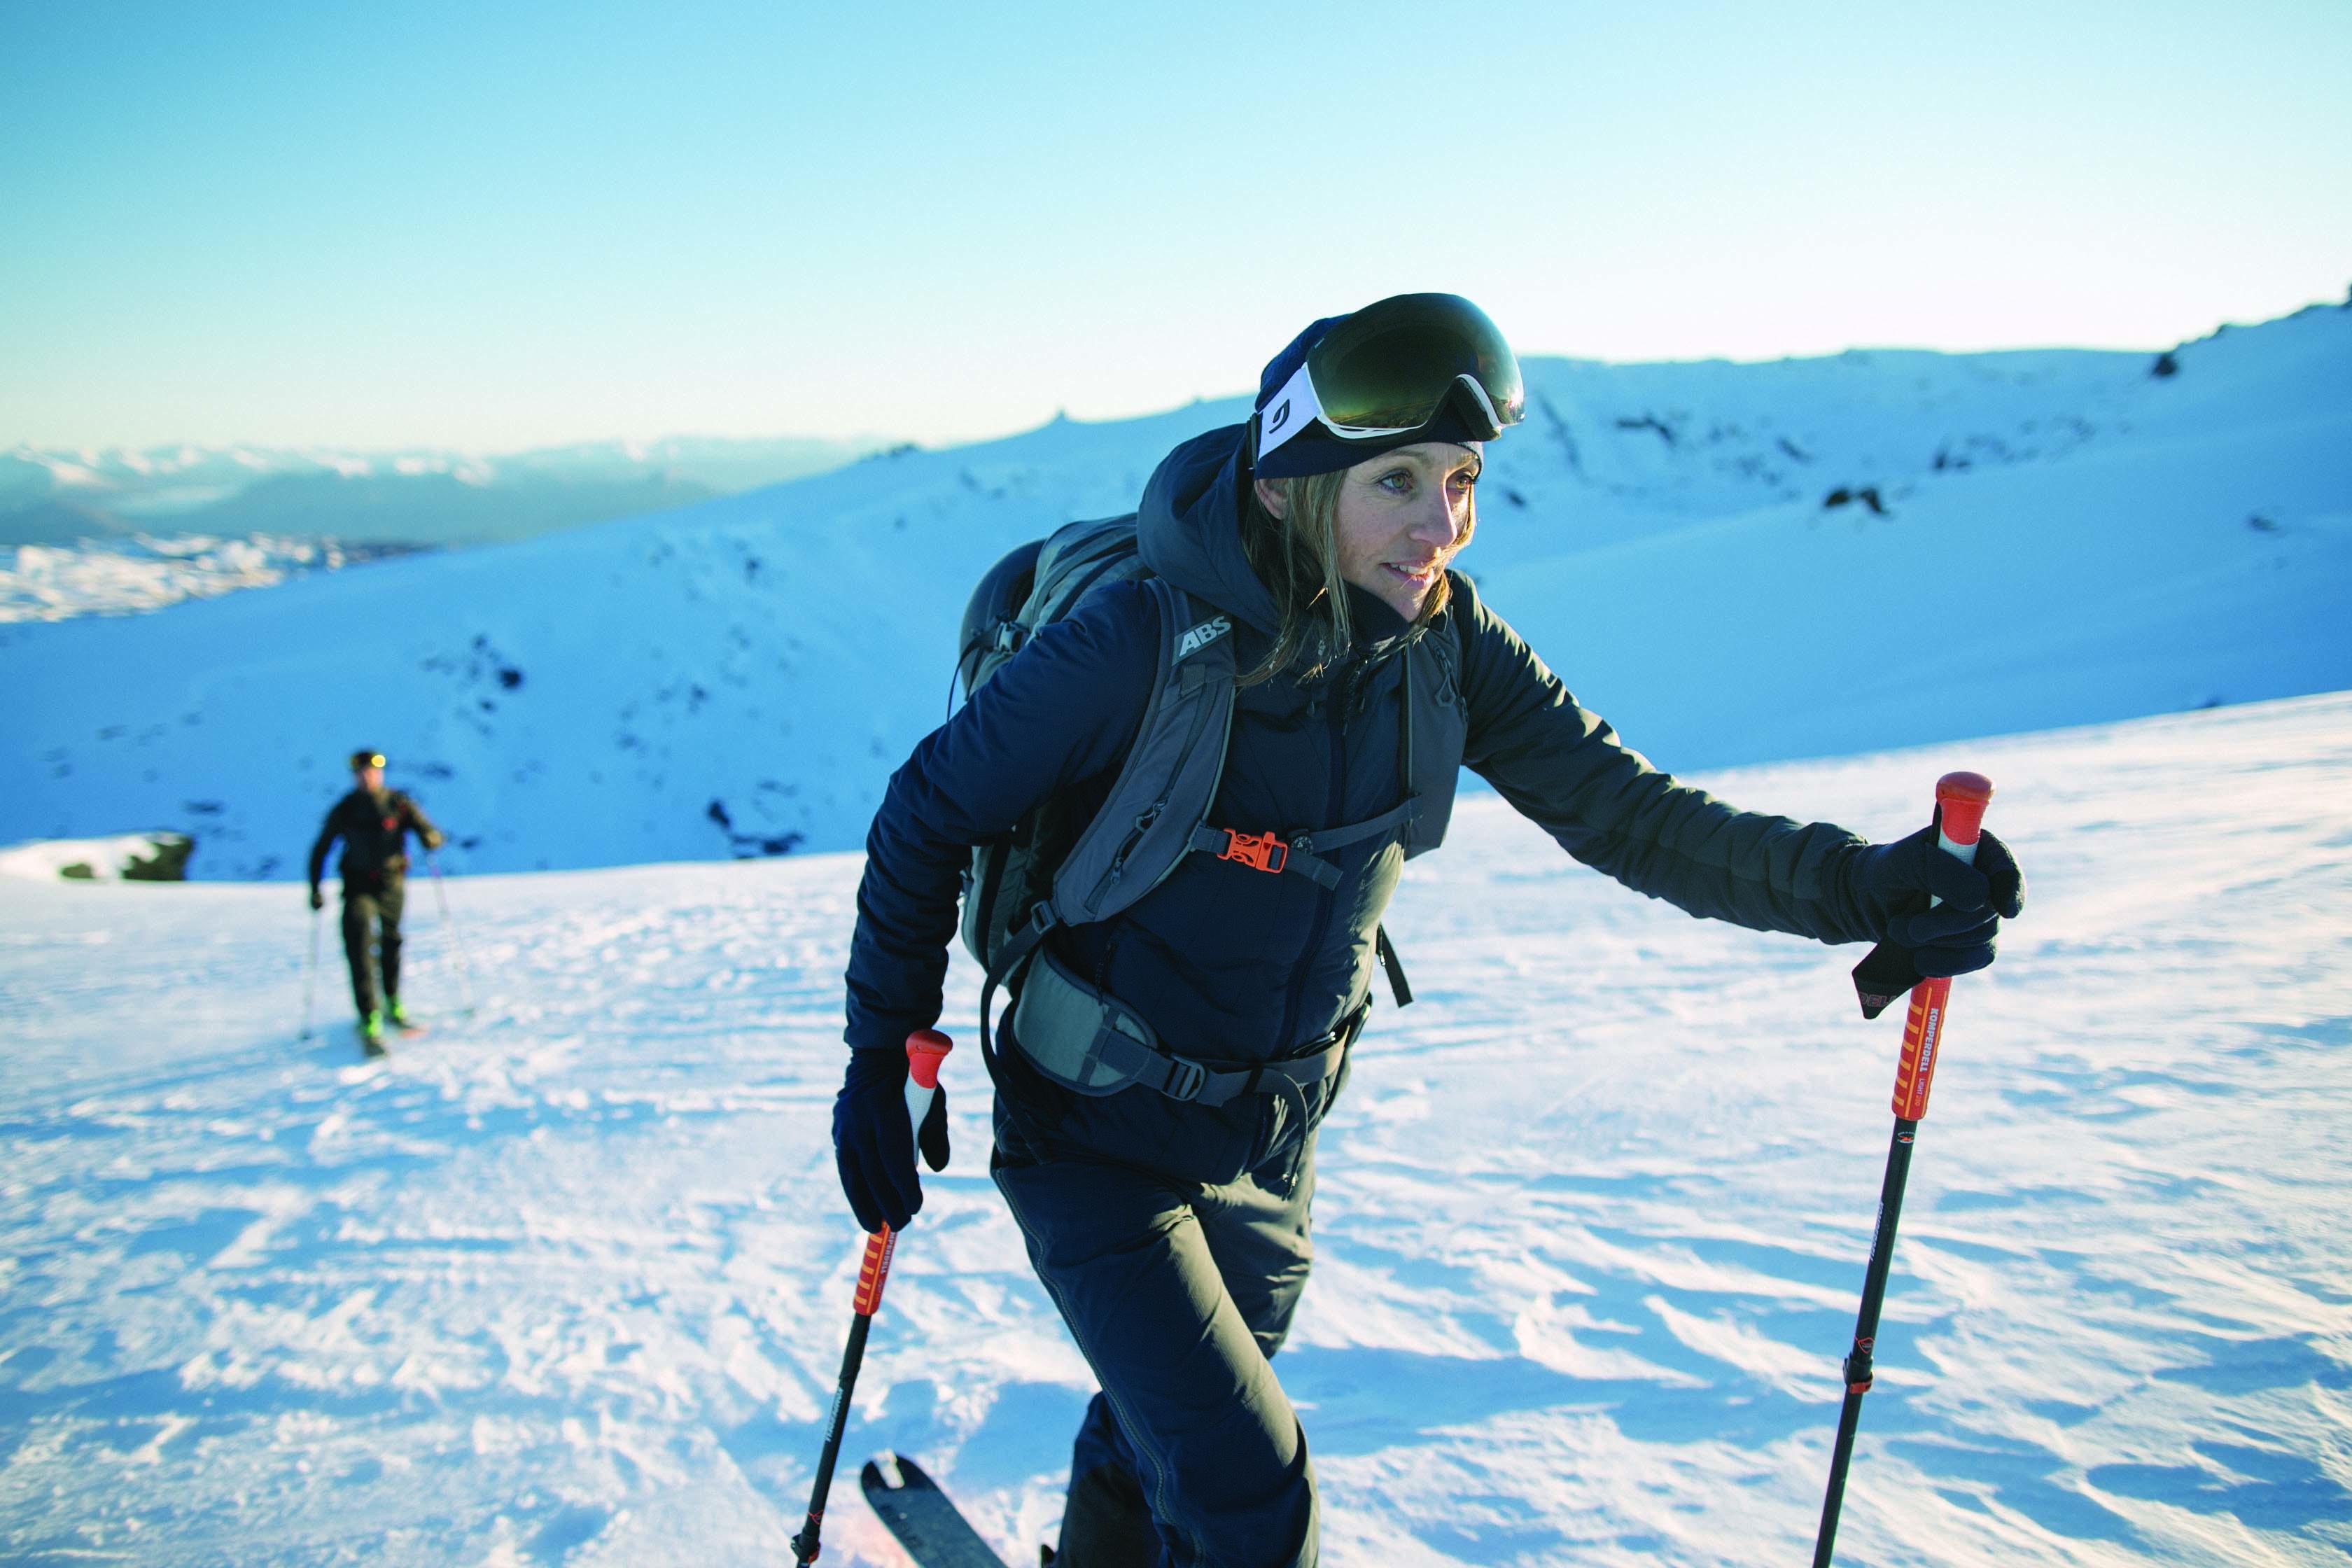 Icebreaker Adventure Snow – Ein Schichtensystem für jeden Wintersporttyp